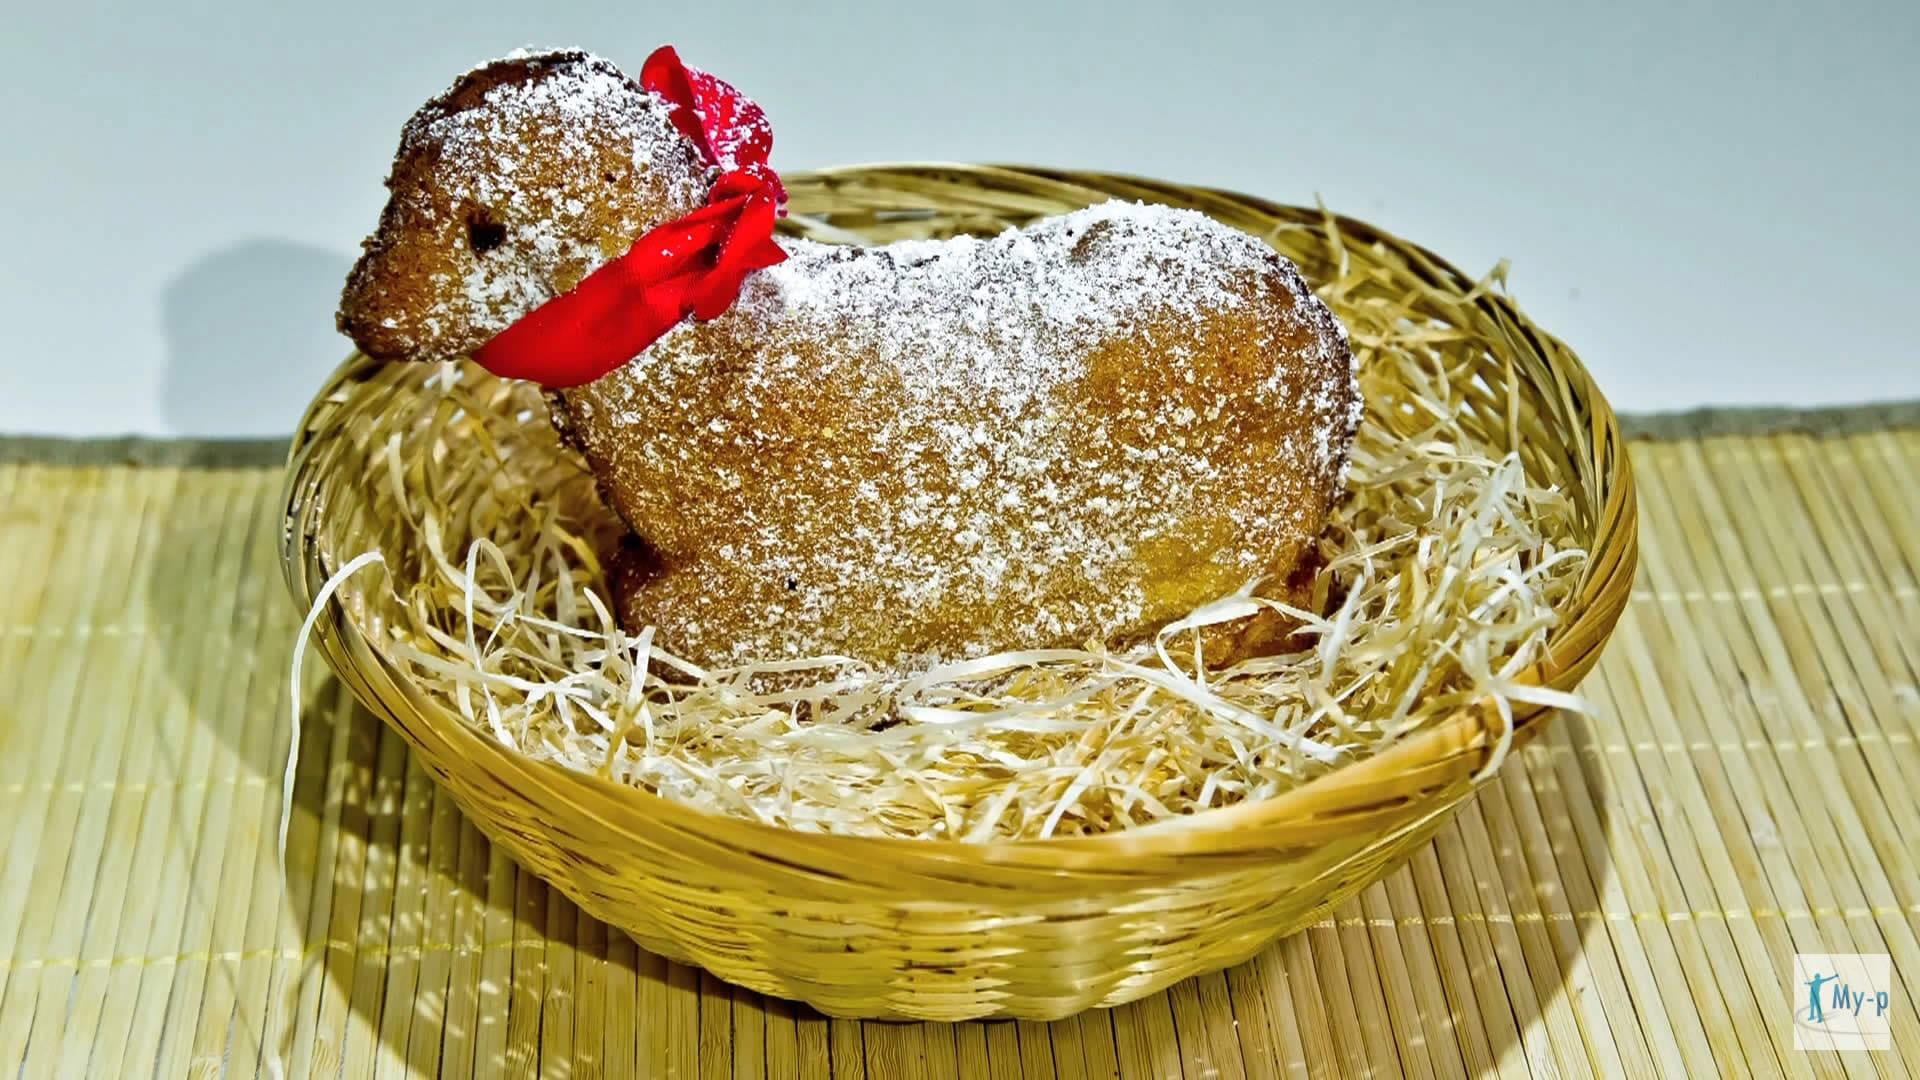 Foto Agnello dolce e rottura dell'uovo di cioccolato